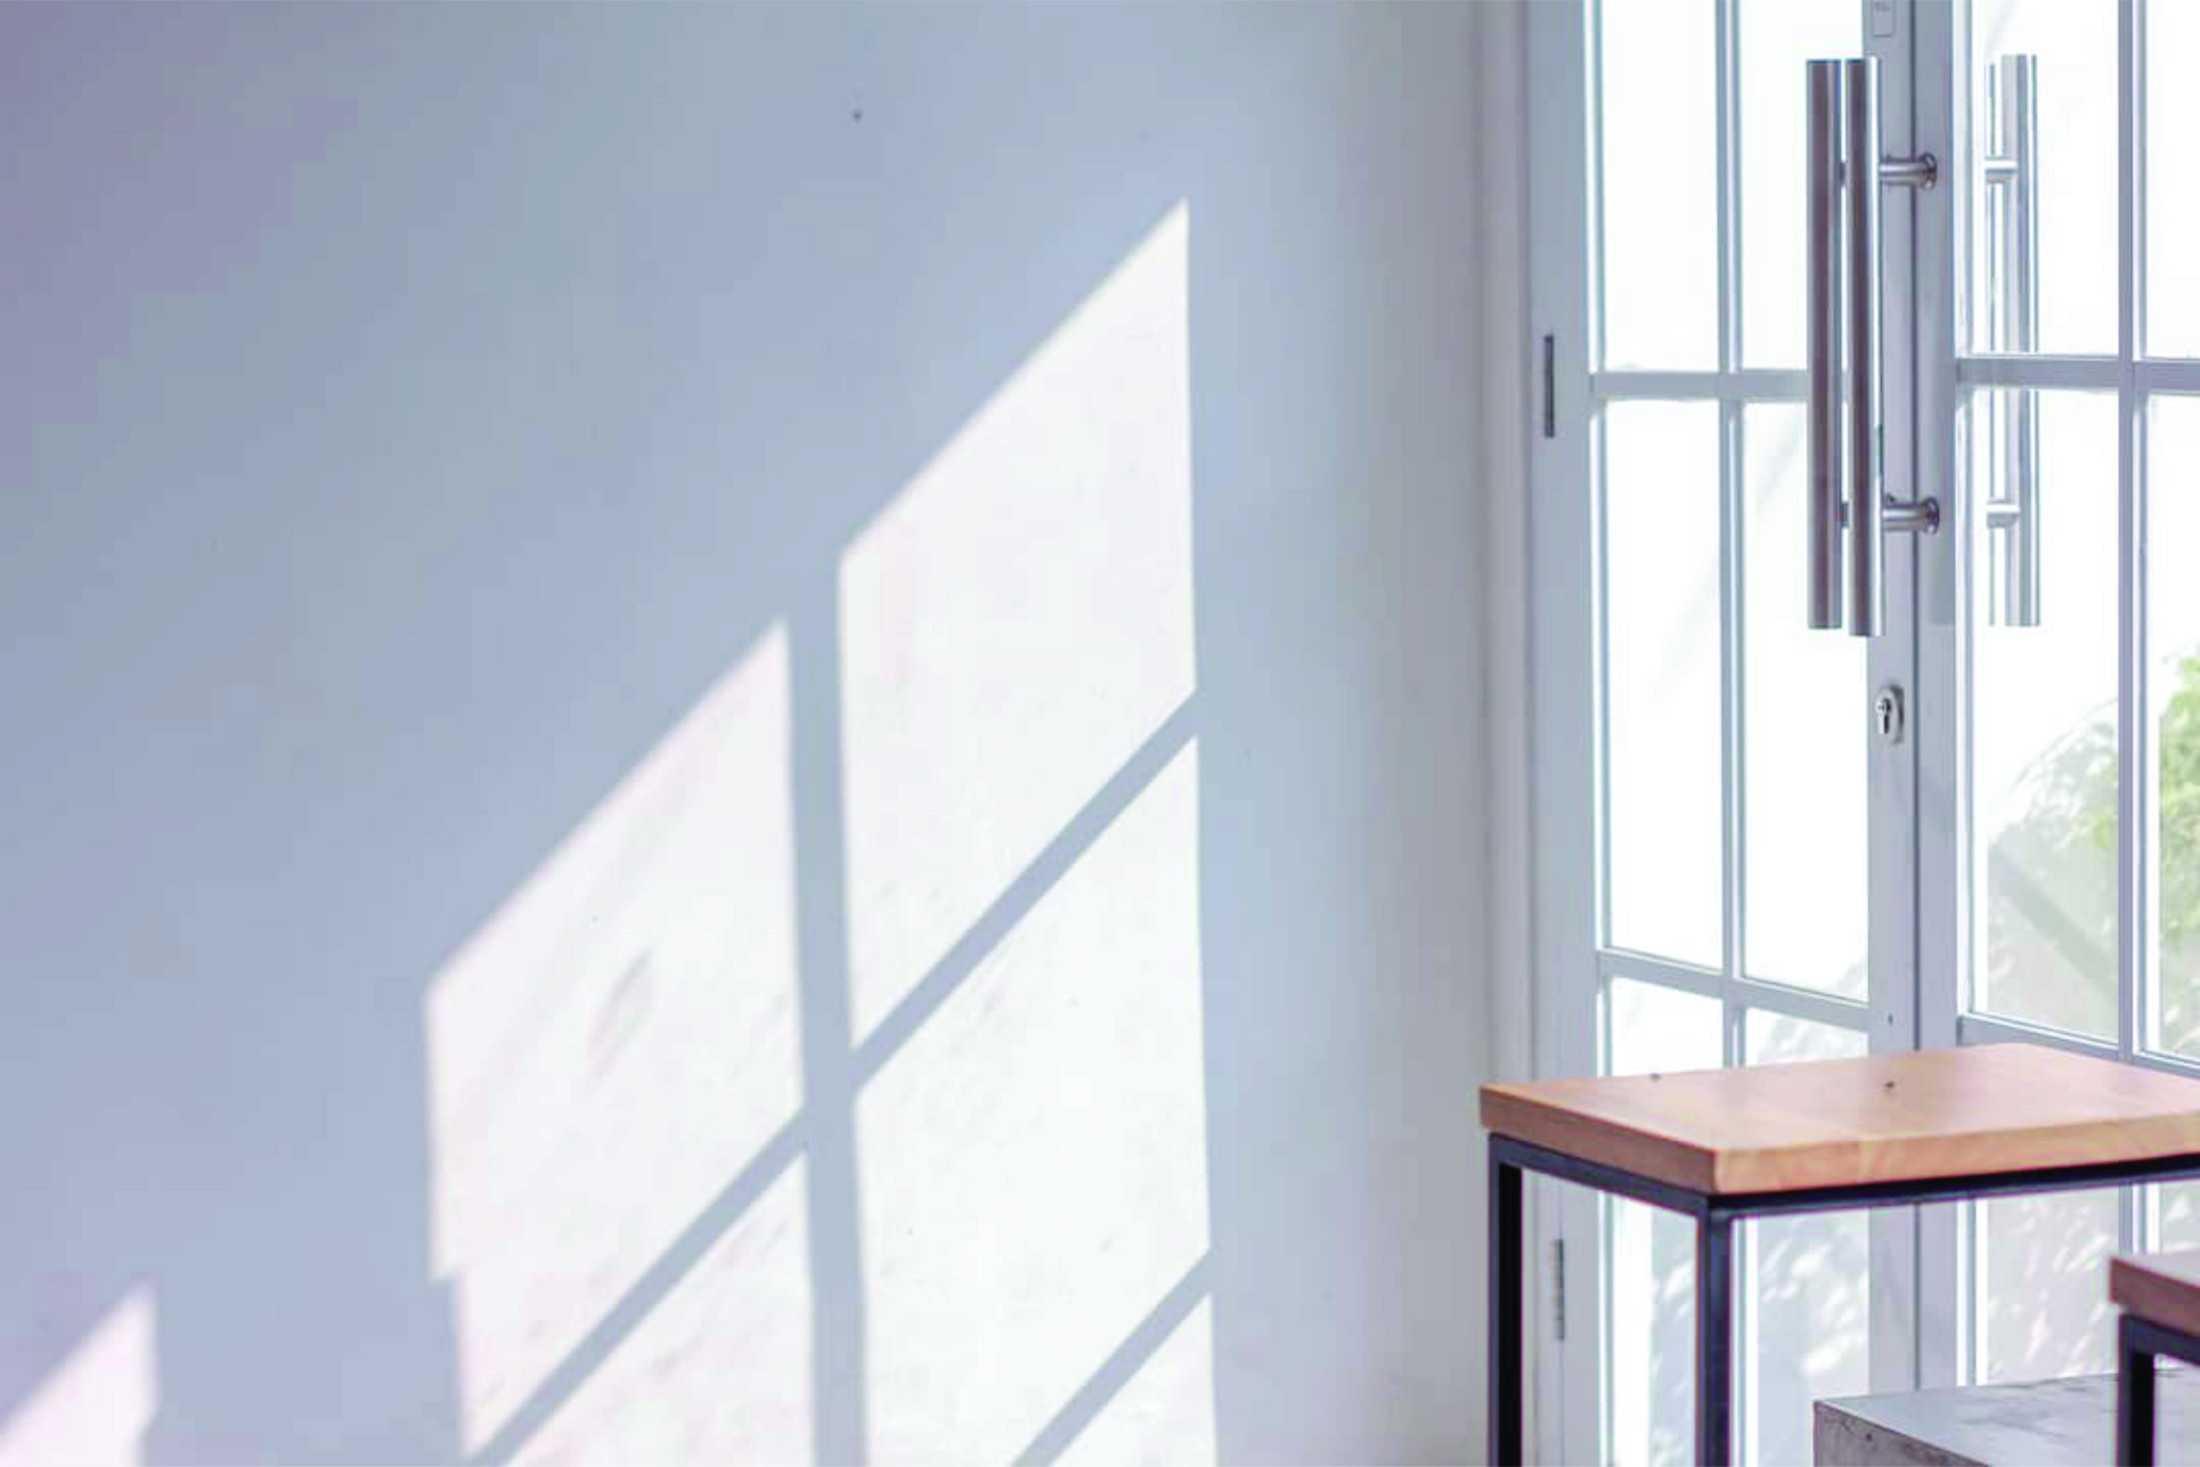 Snada Interior Kopi Urang Jl. Kasuari ? No.7, Pd. Pucung, Kec. Pd. Aren, Kota Tangerang Selatan, Banten 15229, Indonesia Jl. Kasuari ? No.7, Pd. Pucung, Kec. Pd. Aren, Kota Tangerang Selatan, Banten 15229, Indonesia Snada-Interior-Kopi-Urang  101659